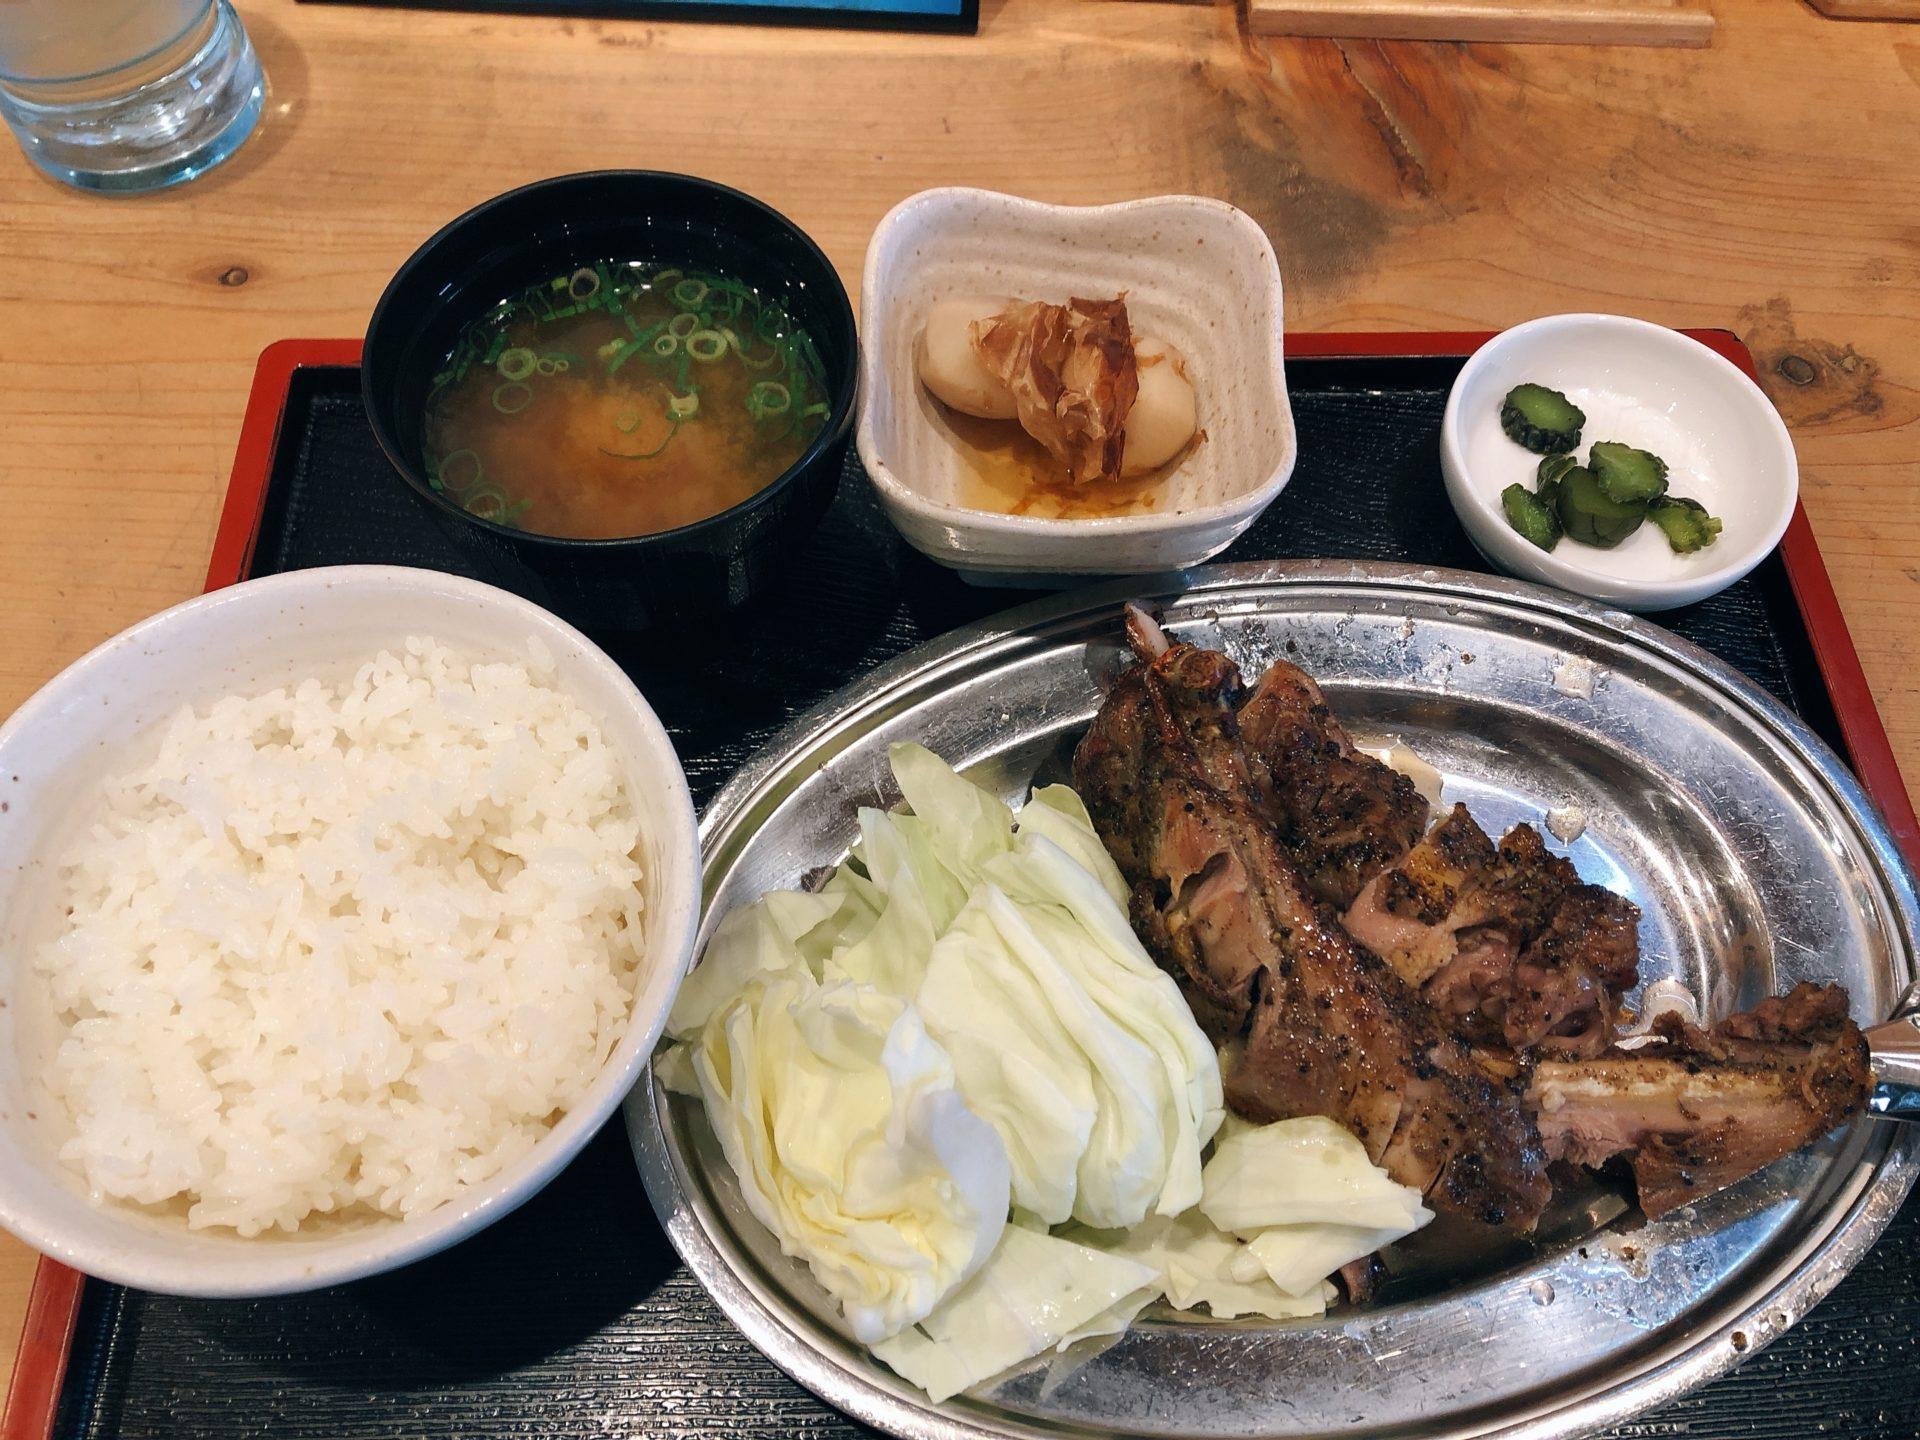 南区藤田 本格鶏料理のパチャマンカで骨付鳥のランチ!若鶏を諦めて親鶏を選択 味は抜群で弾力も・・・想像以上!